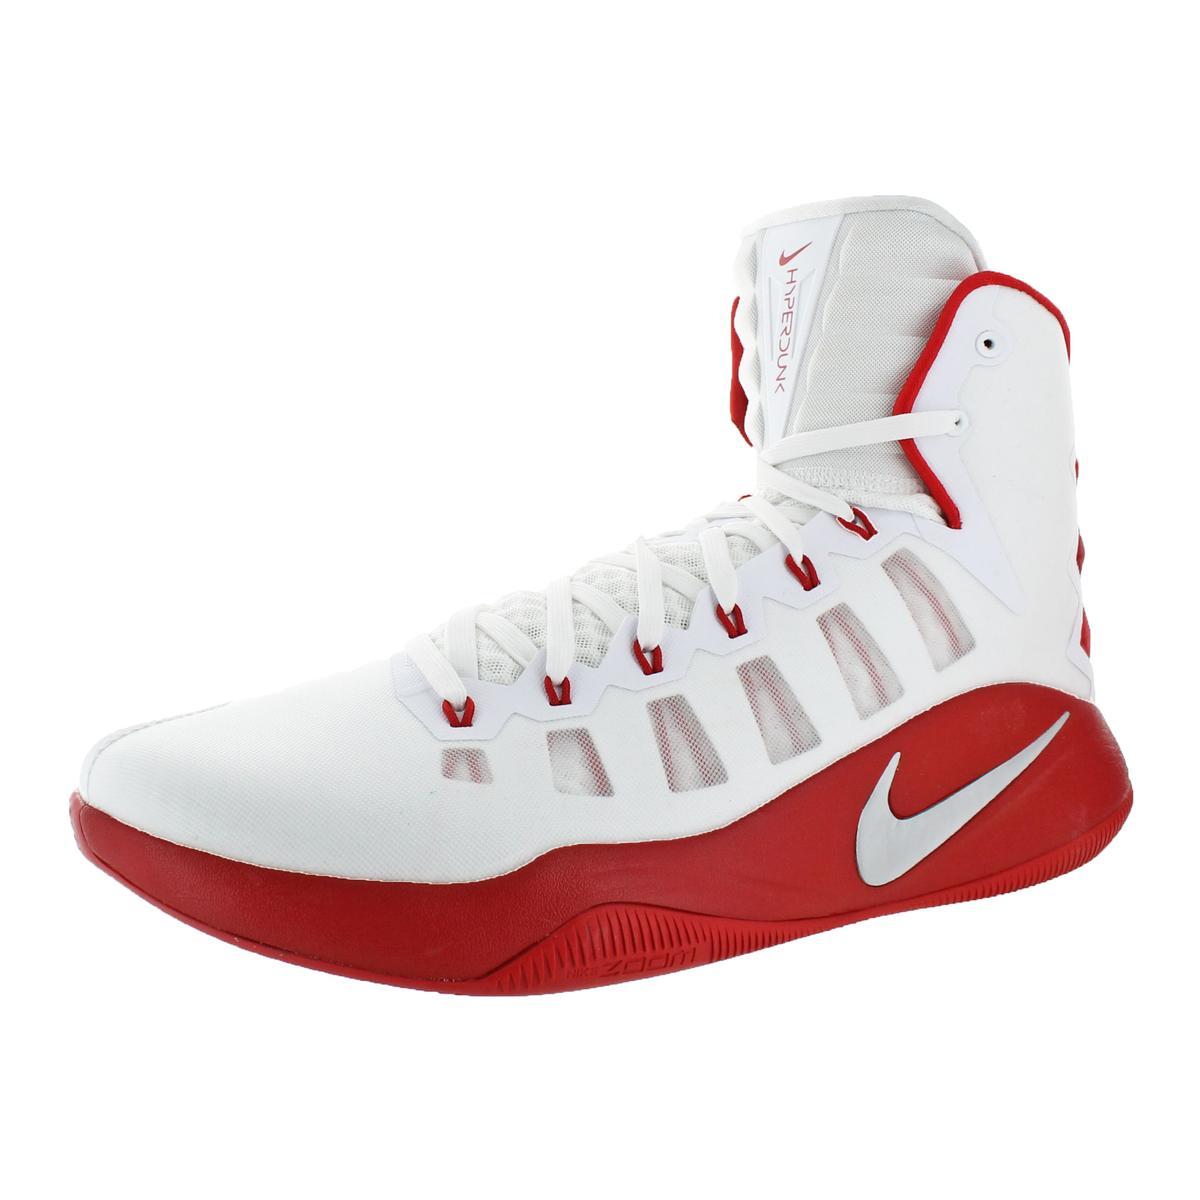 Nike con Hyperdunk 2018 para hombre de malla con Nike Cordones Zoom Deportivos Baloncesto entrenador Zapatos 4b2342